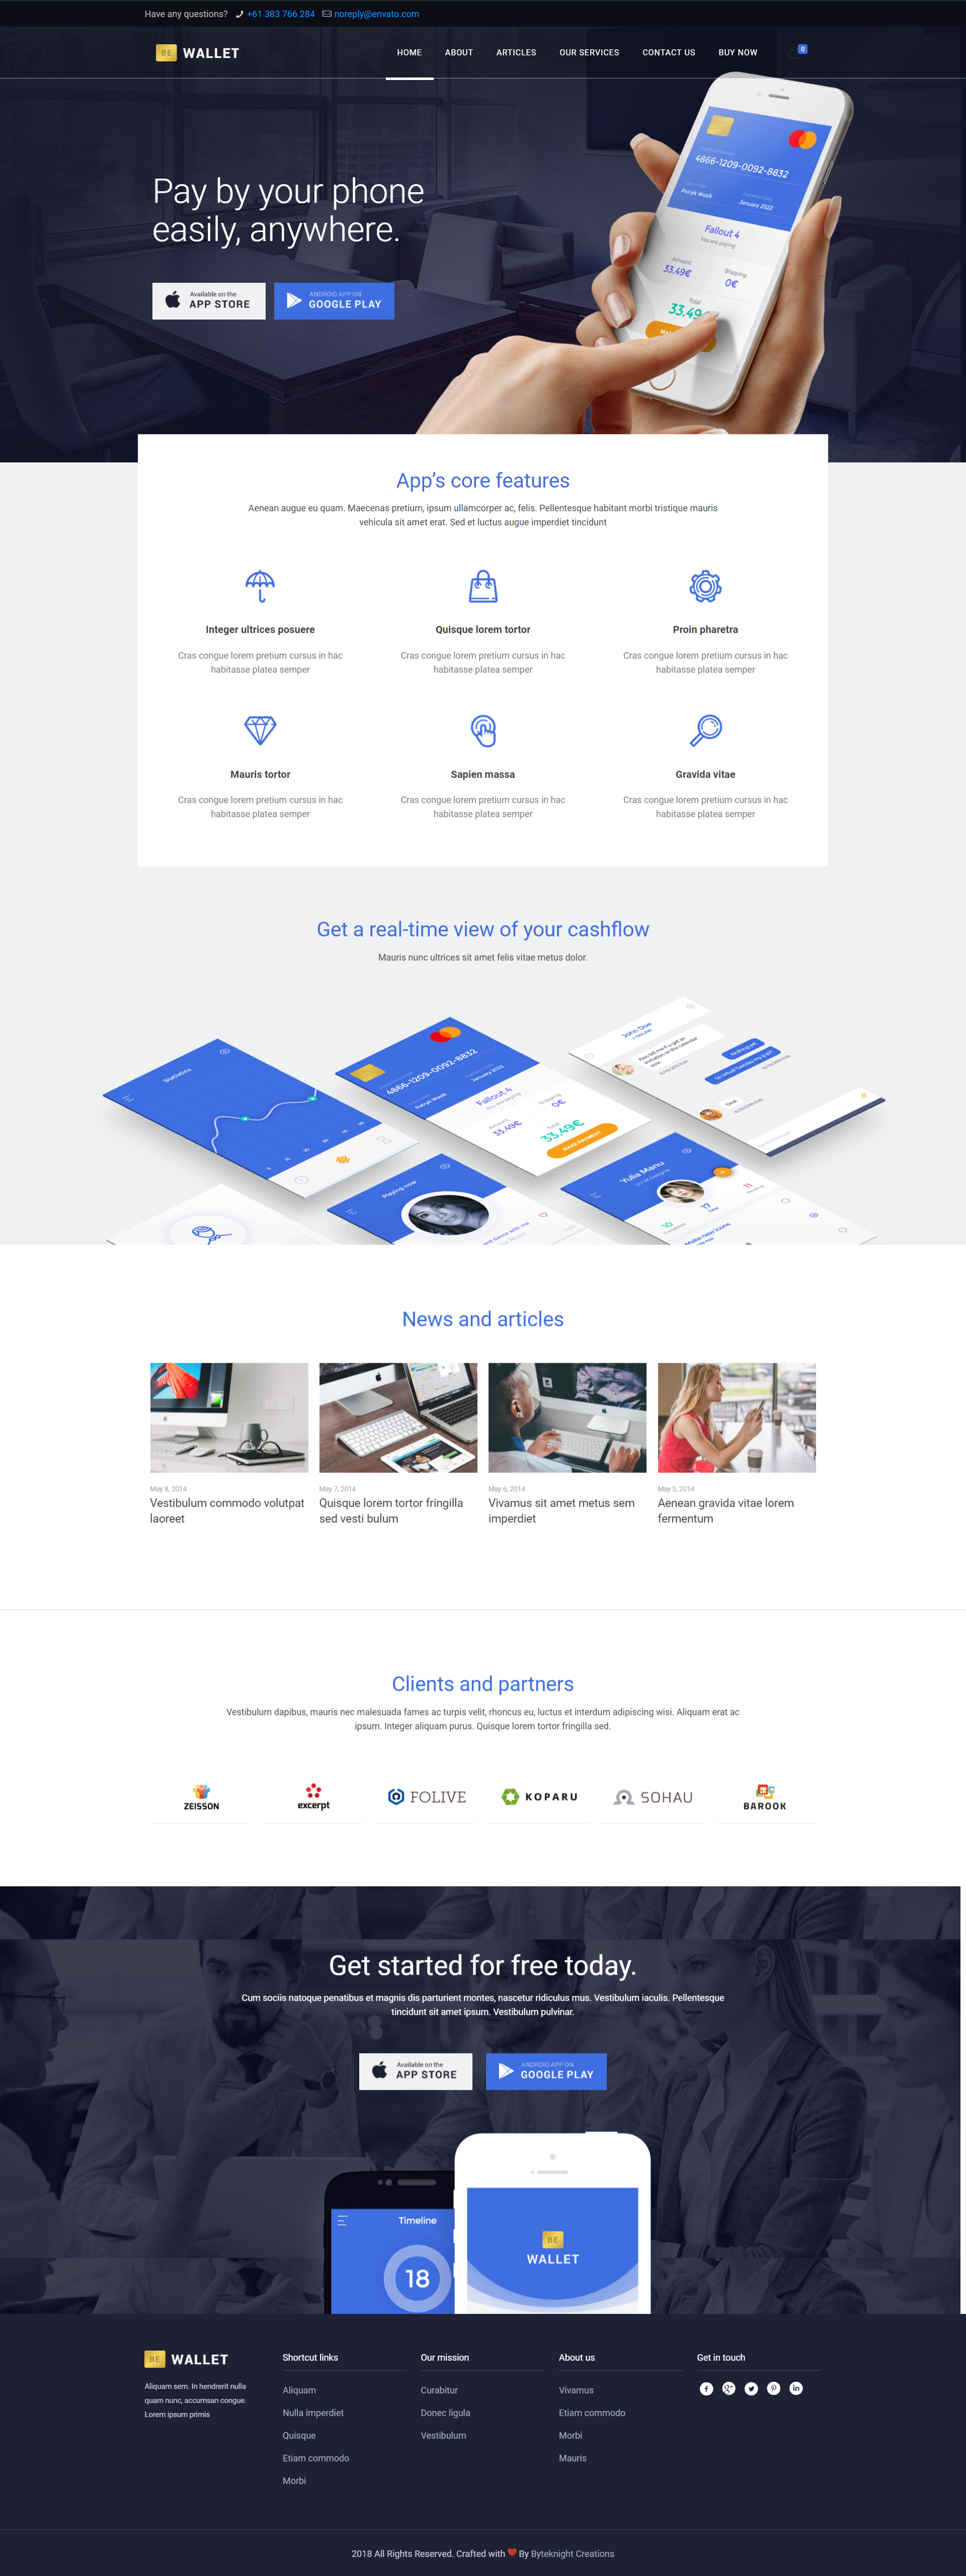 Online Wallet Money Website Design Demo Online Wallet Money Payment Gateway Websitedesigns Bkdemos We Online Web Design Online Wallet Website Design